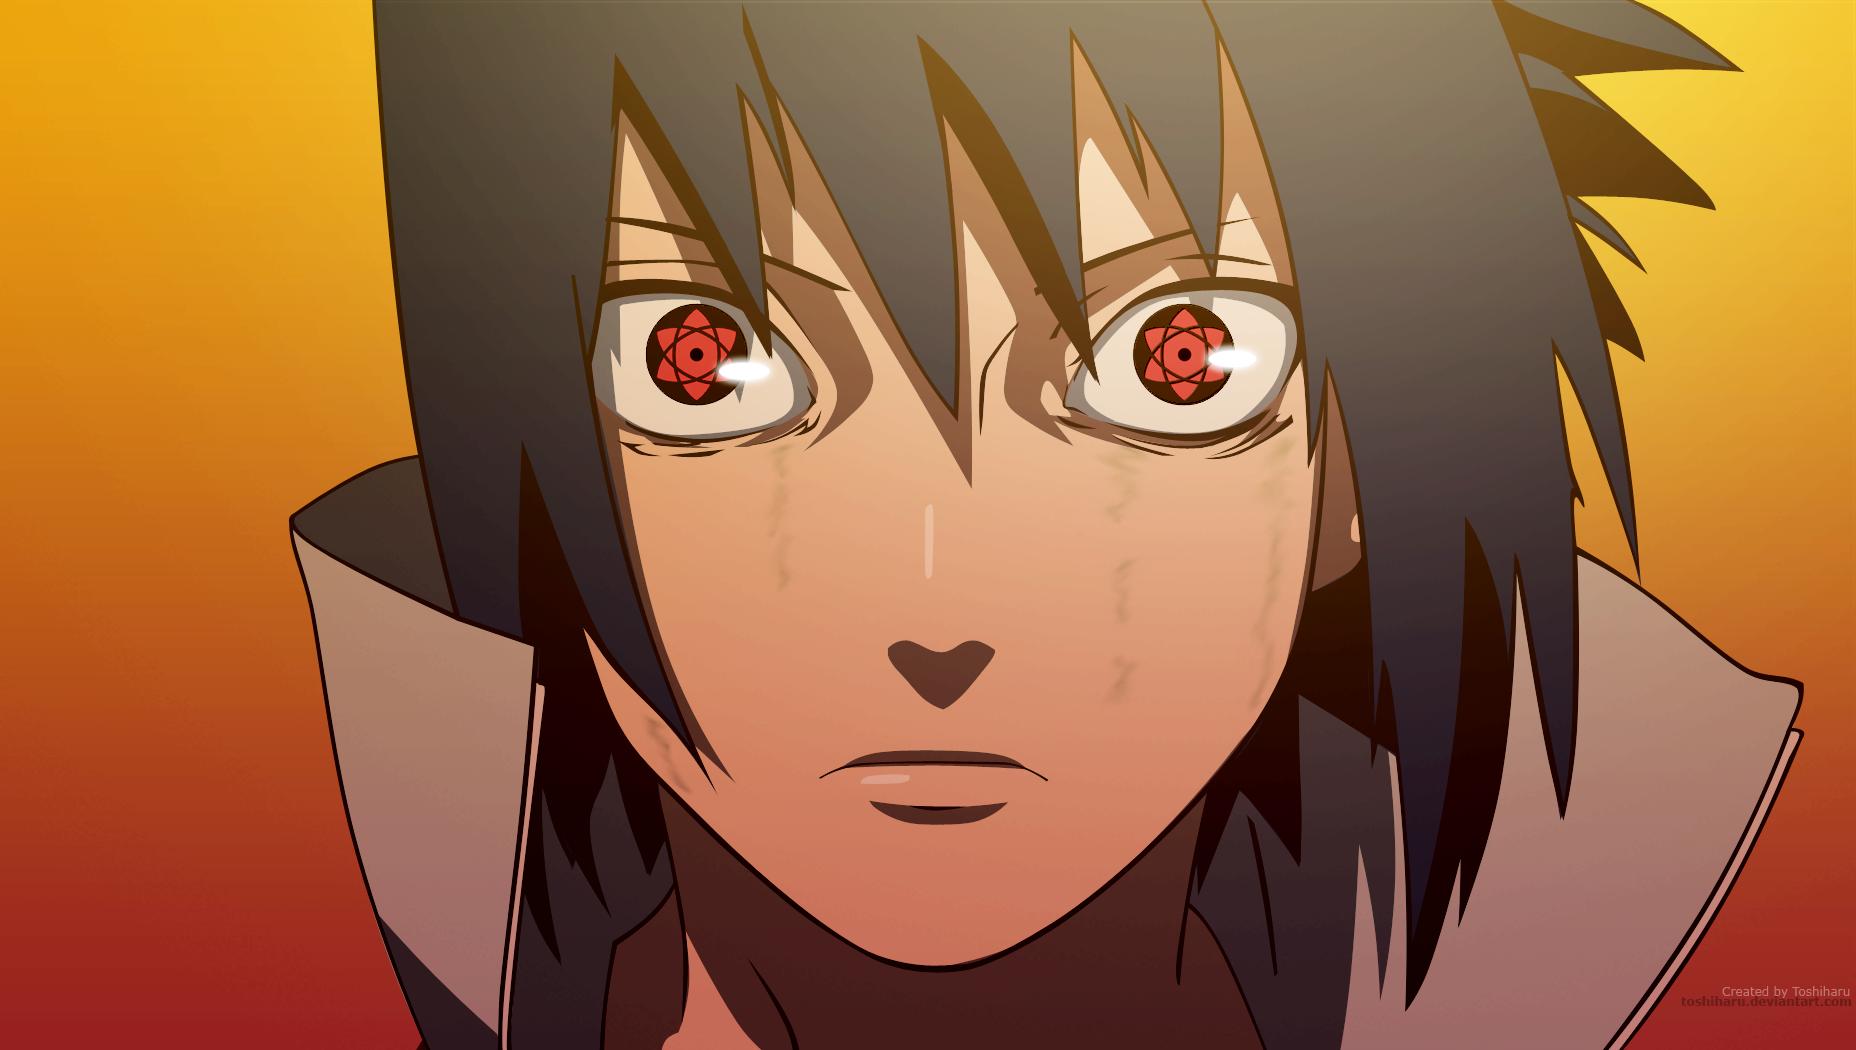 Naruto Shippuuden Photo Sasuke Mangekyou Sharingan Sasuke Mangekyou Sasuke Uchiha Sharingan